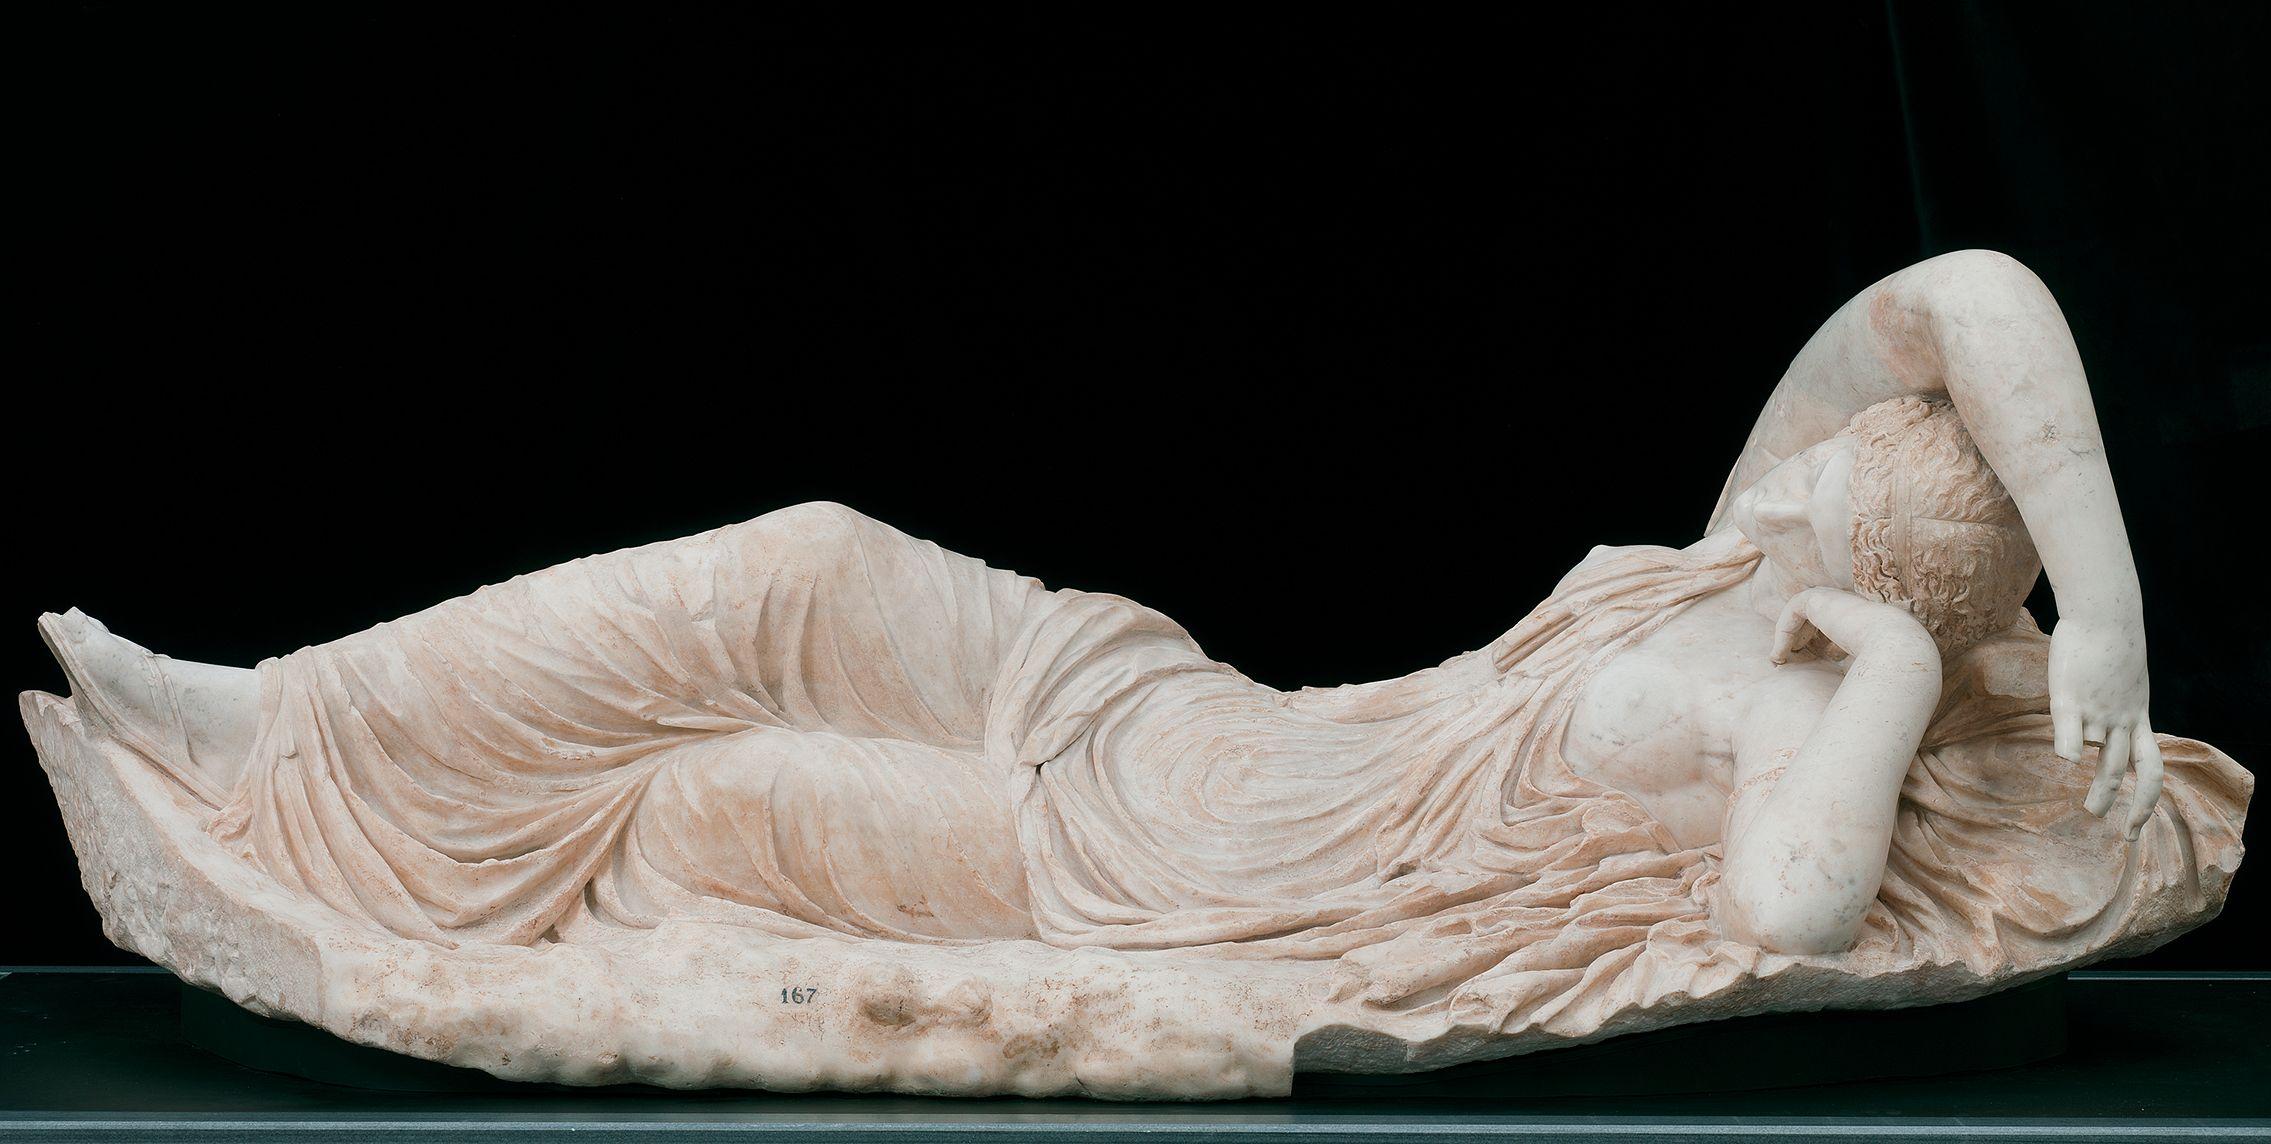 Ariadna Dormida Escultura Exenta Yacente Esculpida En Marmol Blanco Mide 99 Cm X 238 Cm X 95 Cm Es Una Muje Museo Nacional Del Prado Museos Museo De El Prado